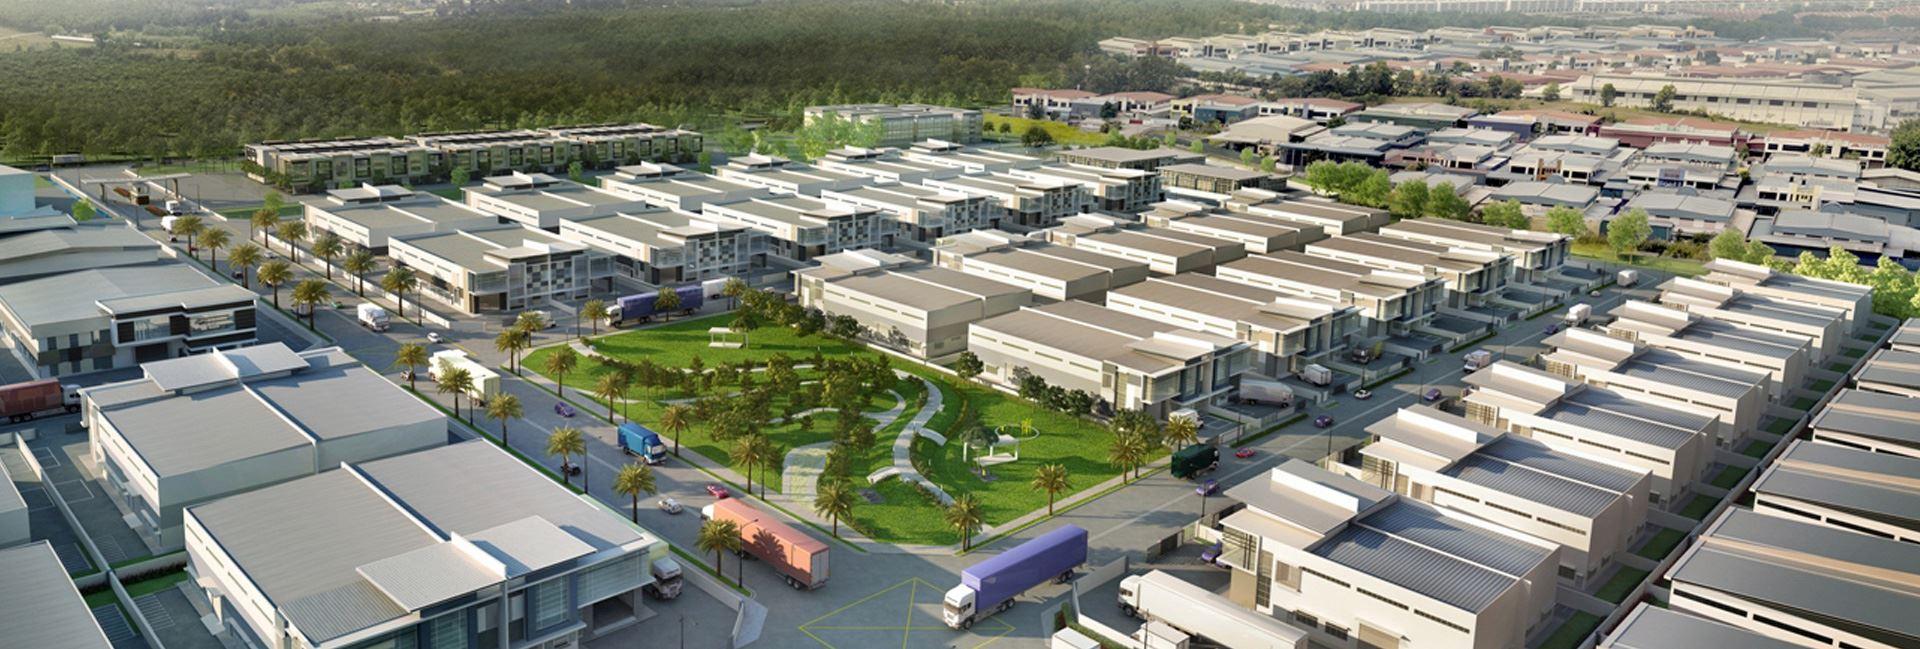 Yen My Industrial Park – Hung Yen